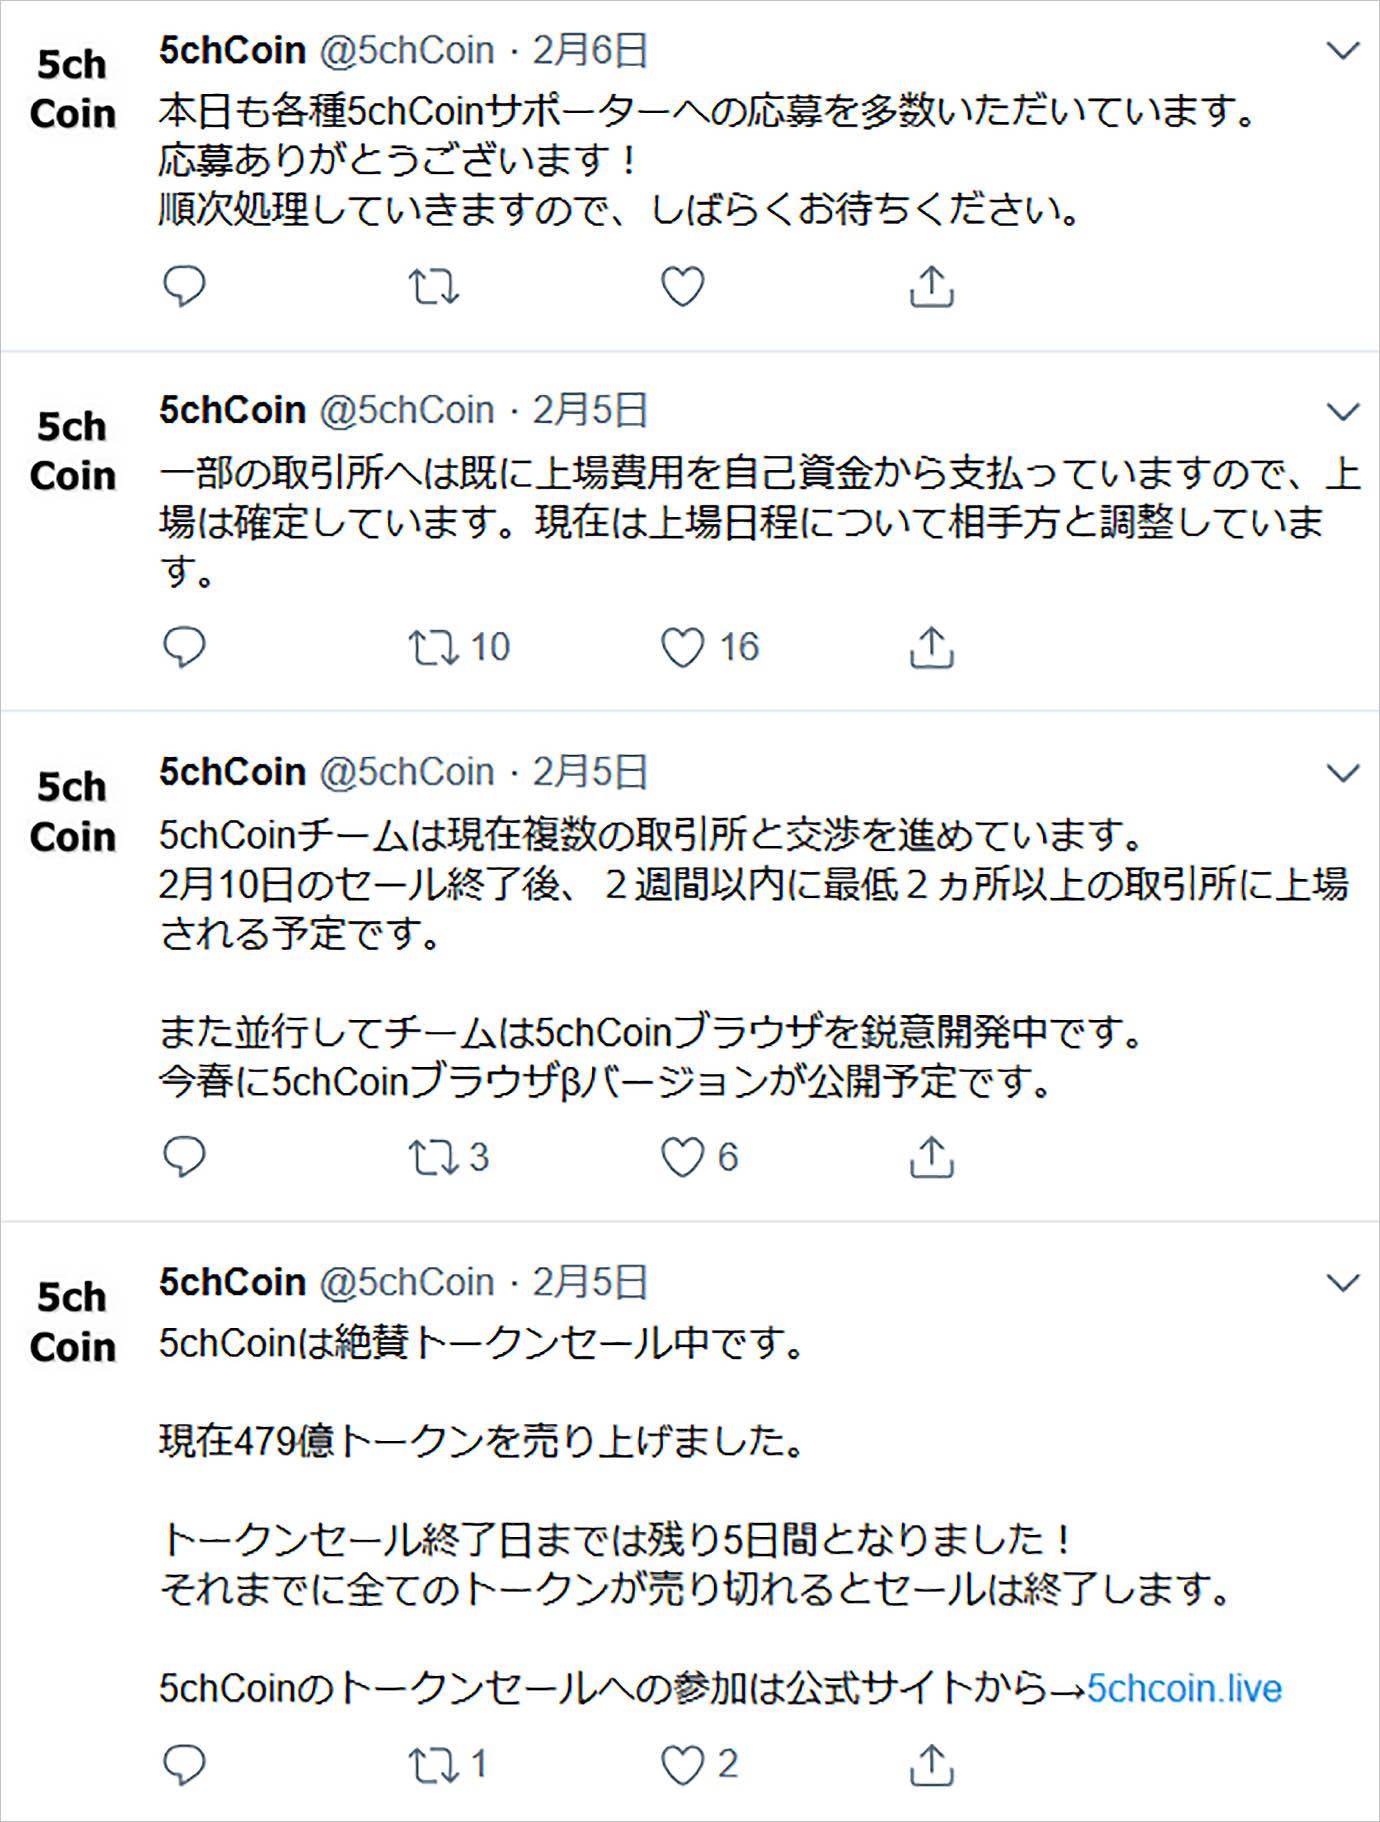 5ch-coin2